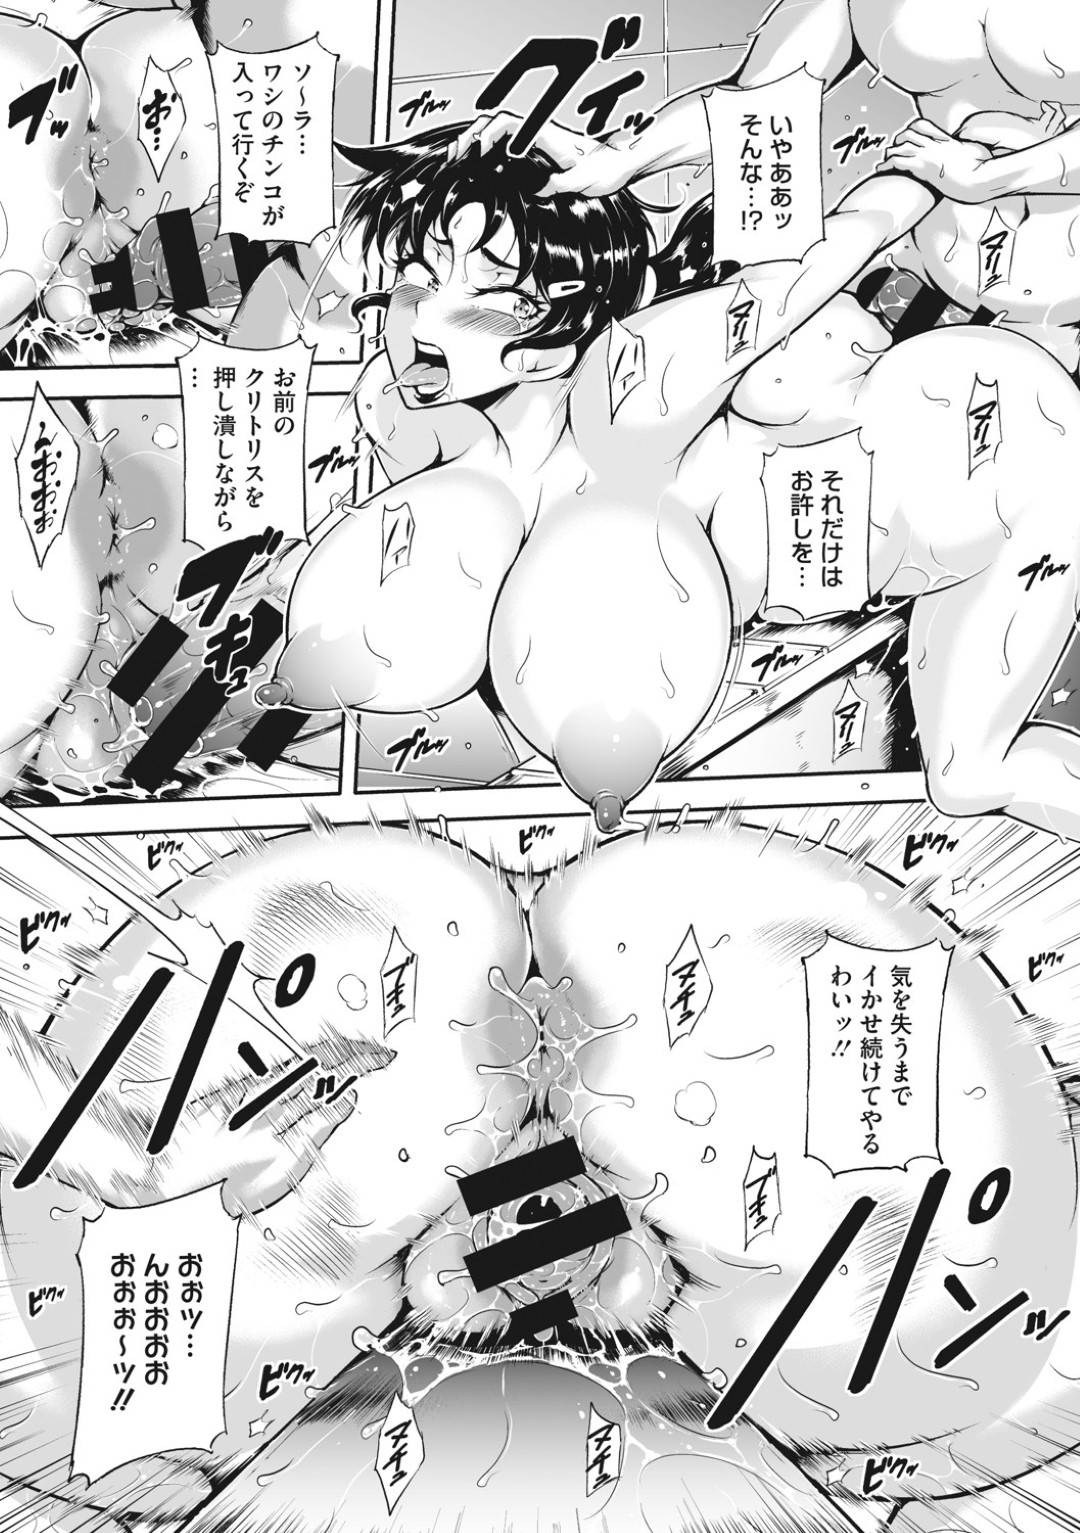 【エロ漫画】介護しているボケ老人に妻と間違えられセクハラを繰り返されるヘルパーの爆乳お姉さん…シャワー中に粗チンを嘲笑してしまい激昂したおじいさんに中出しセックスされる!